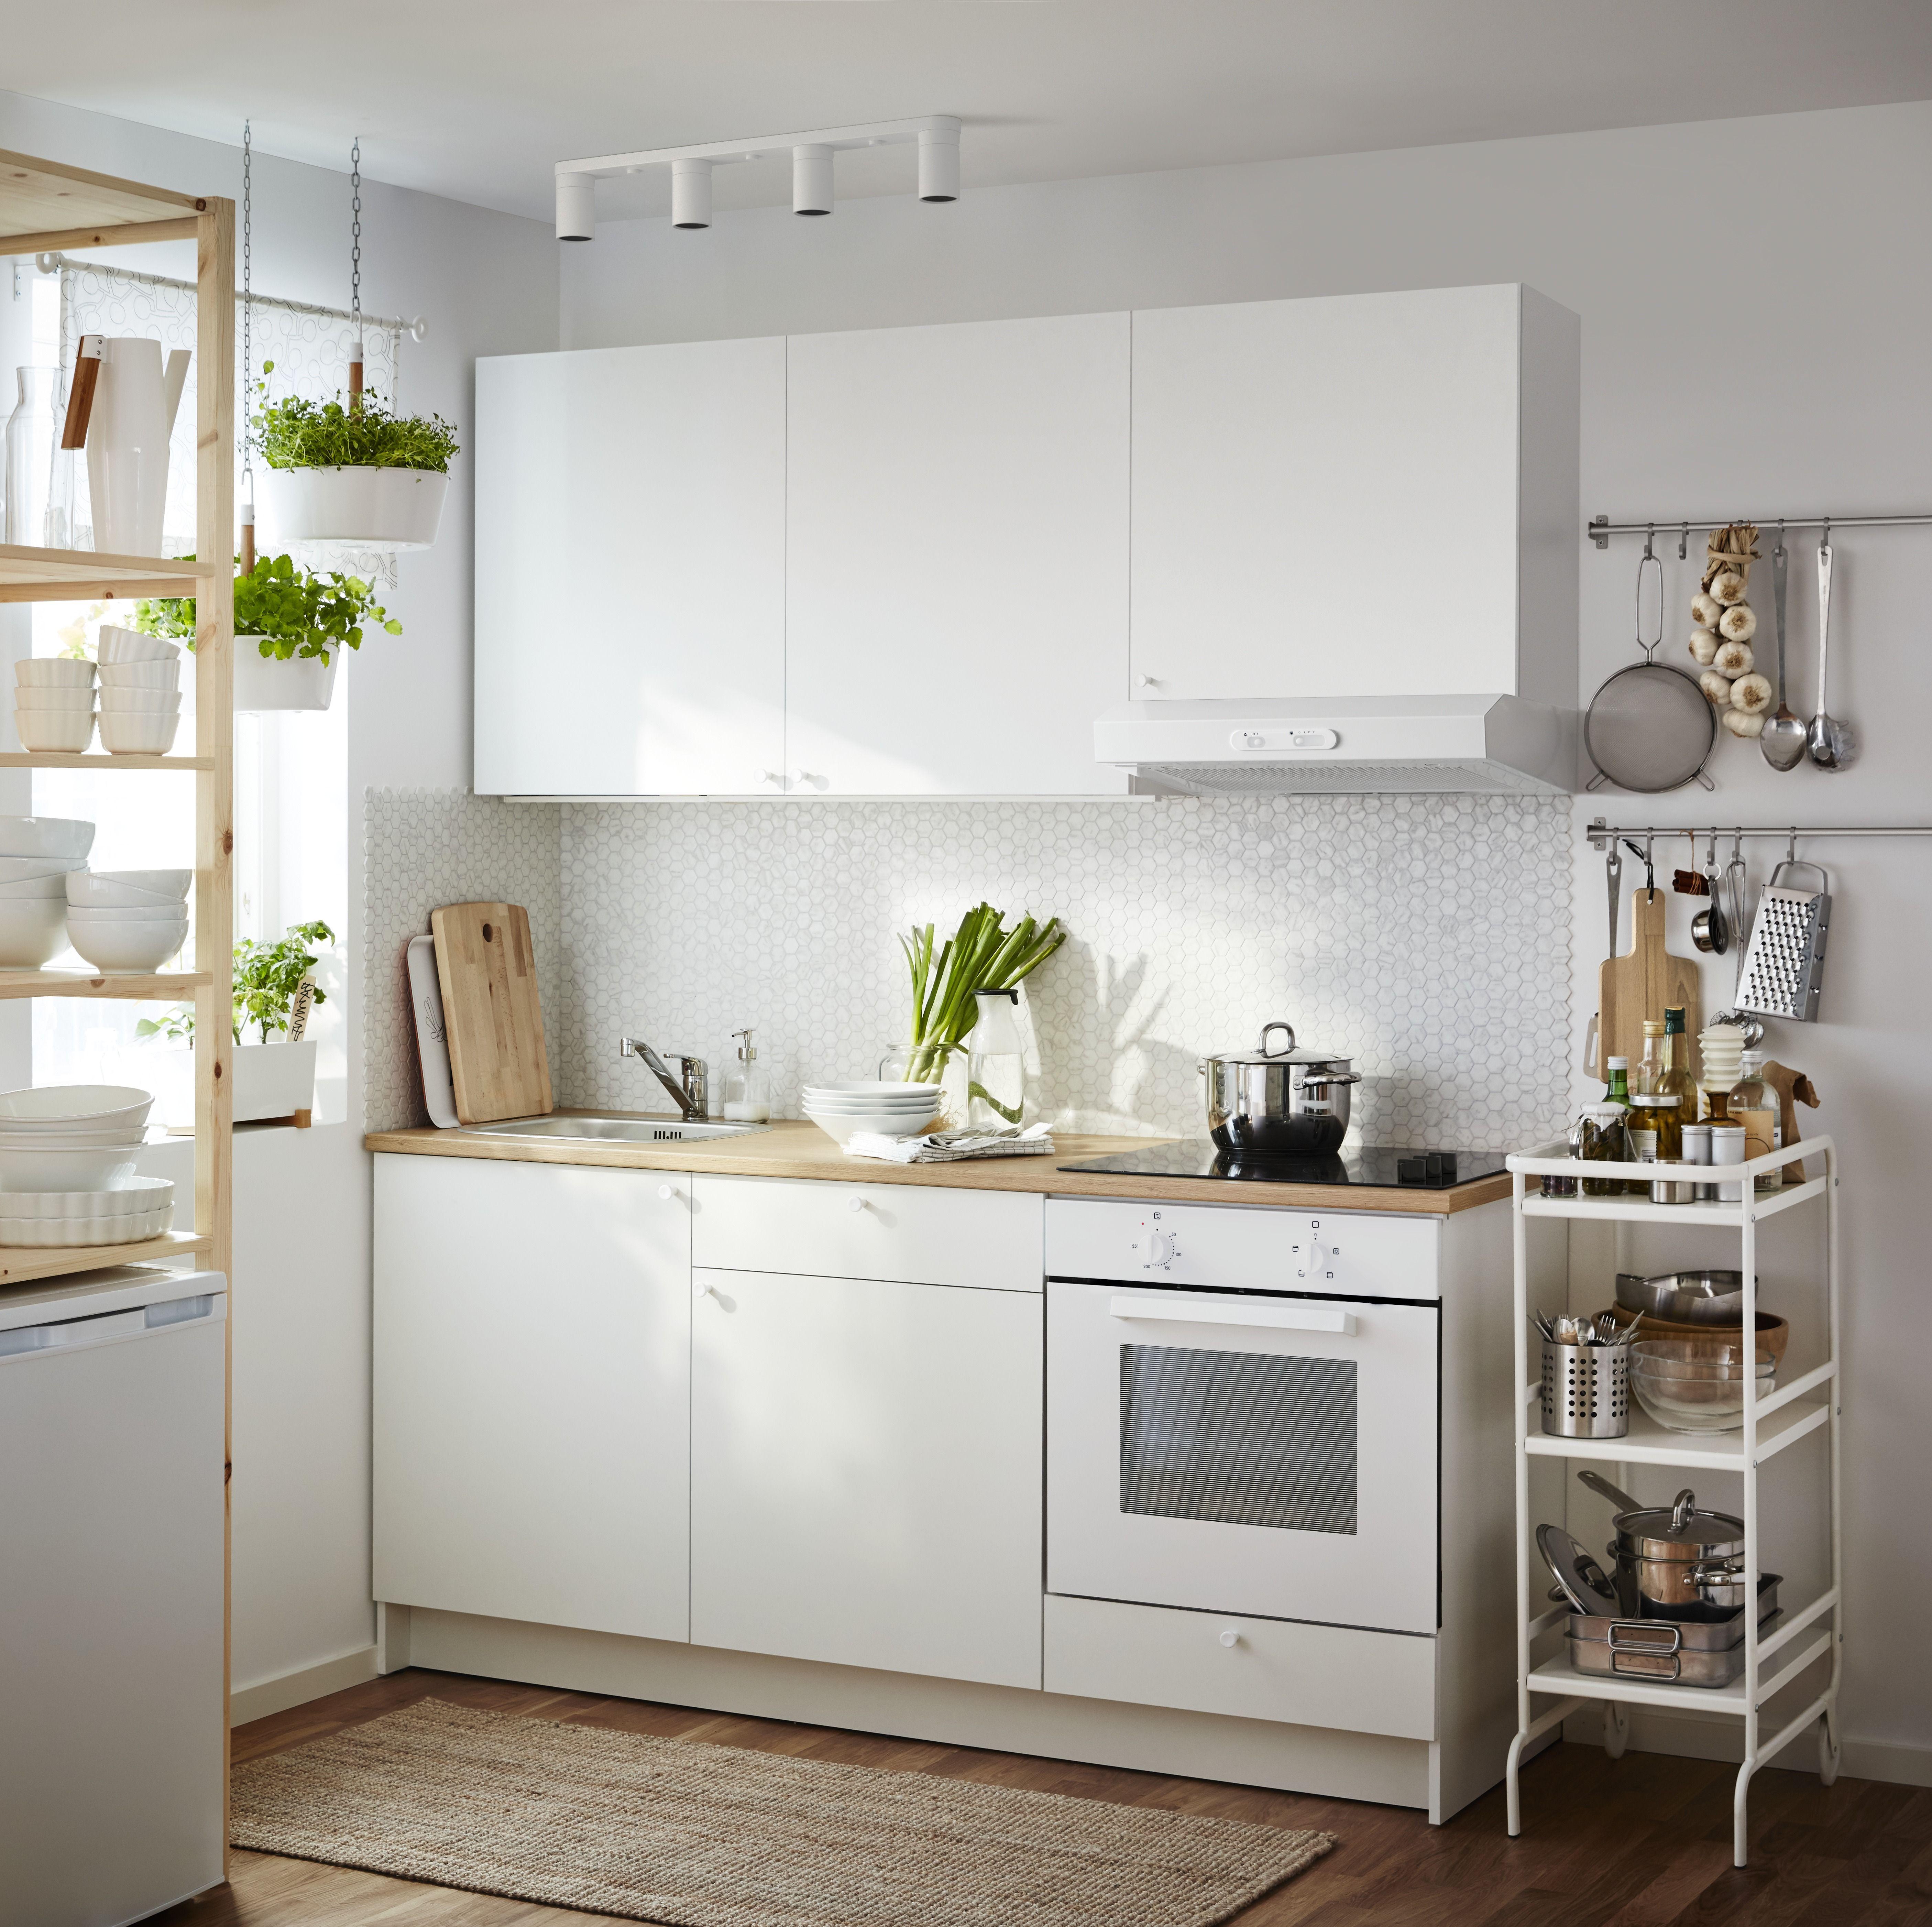 muebles de cocina ikea por modulos